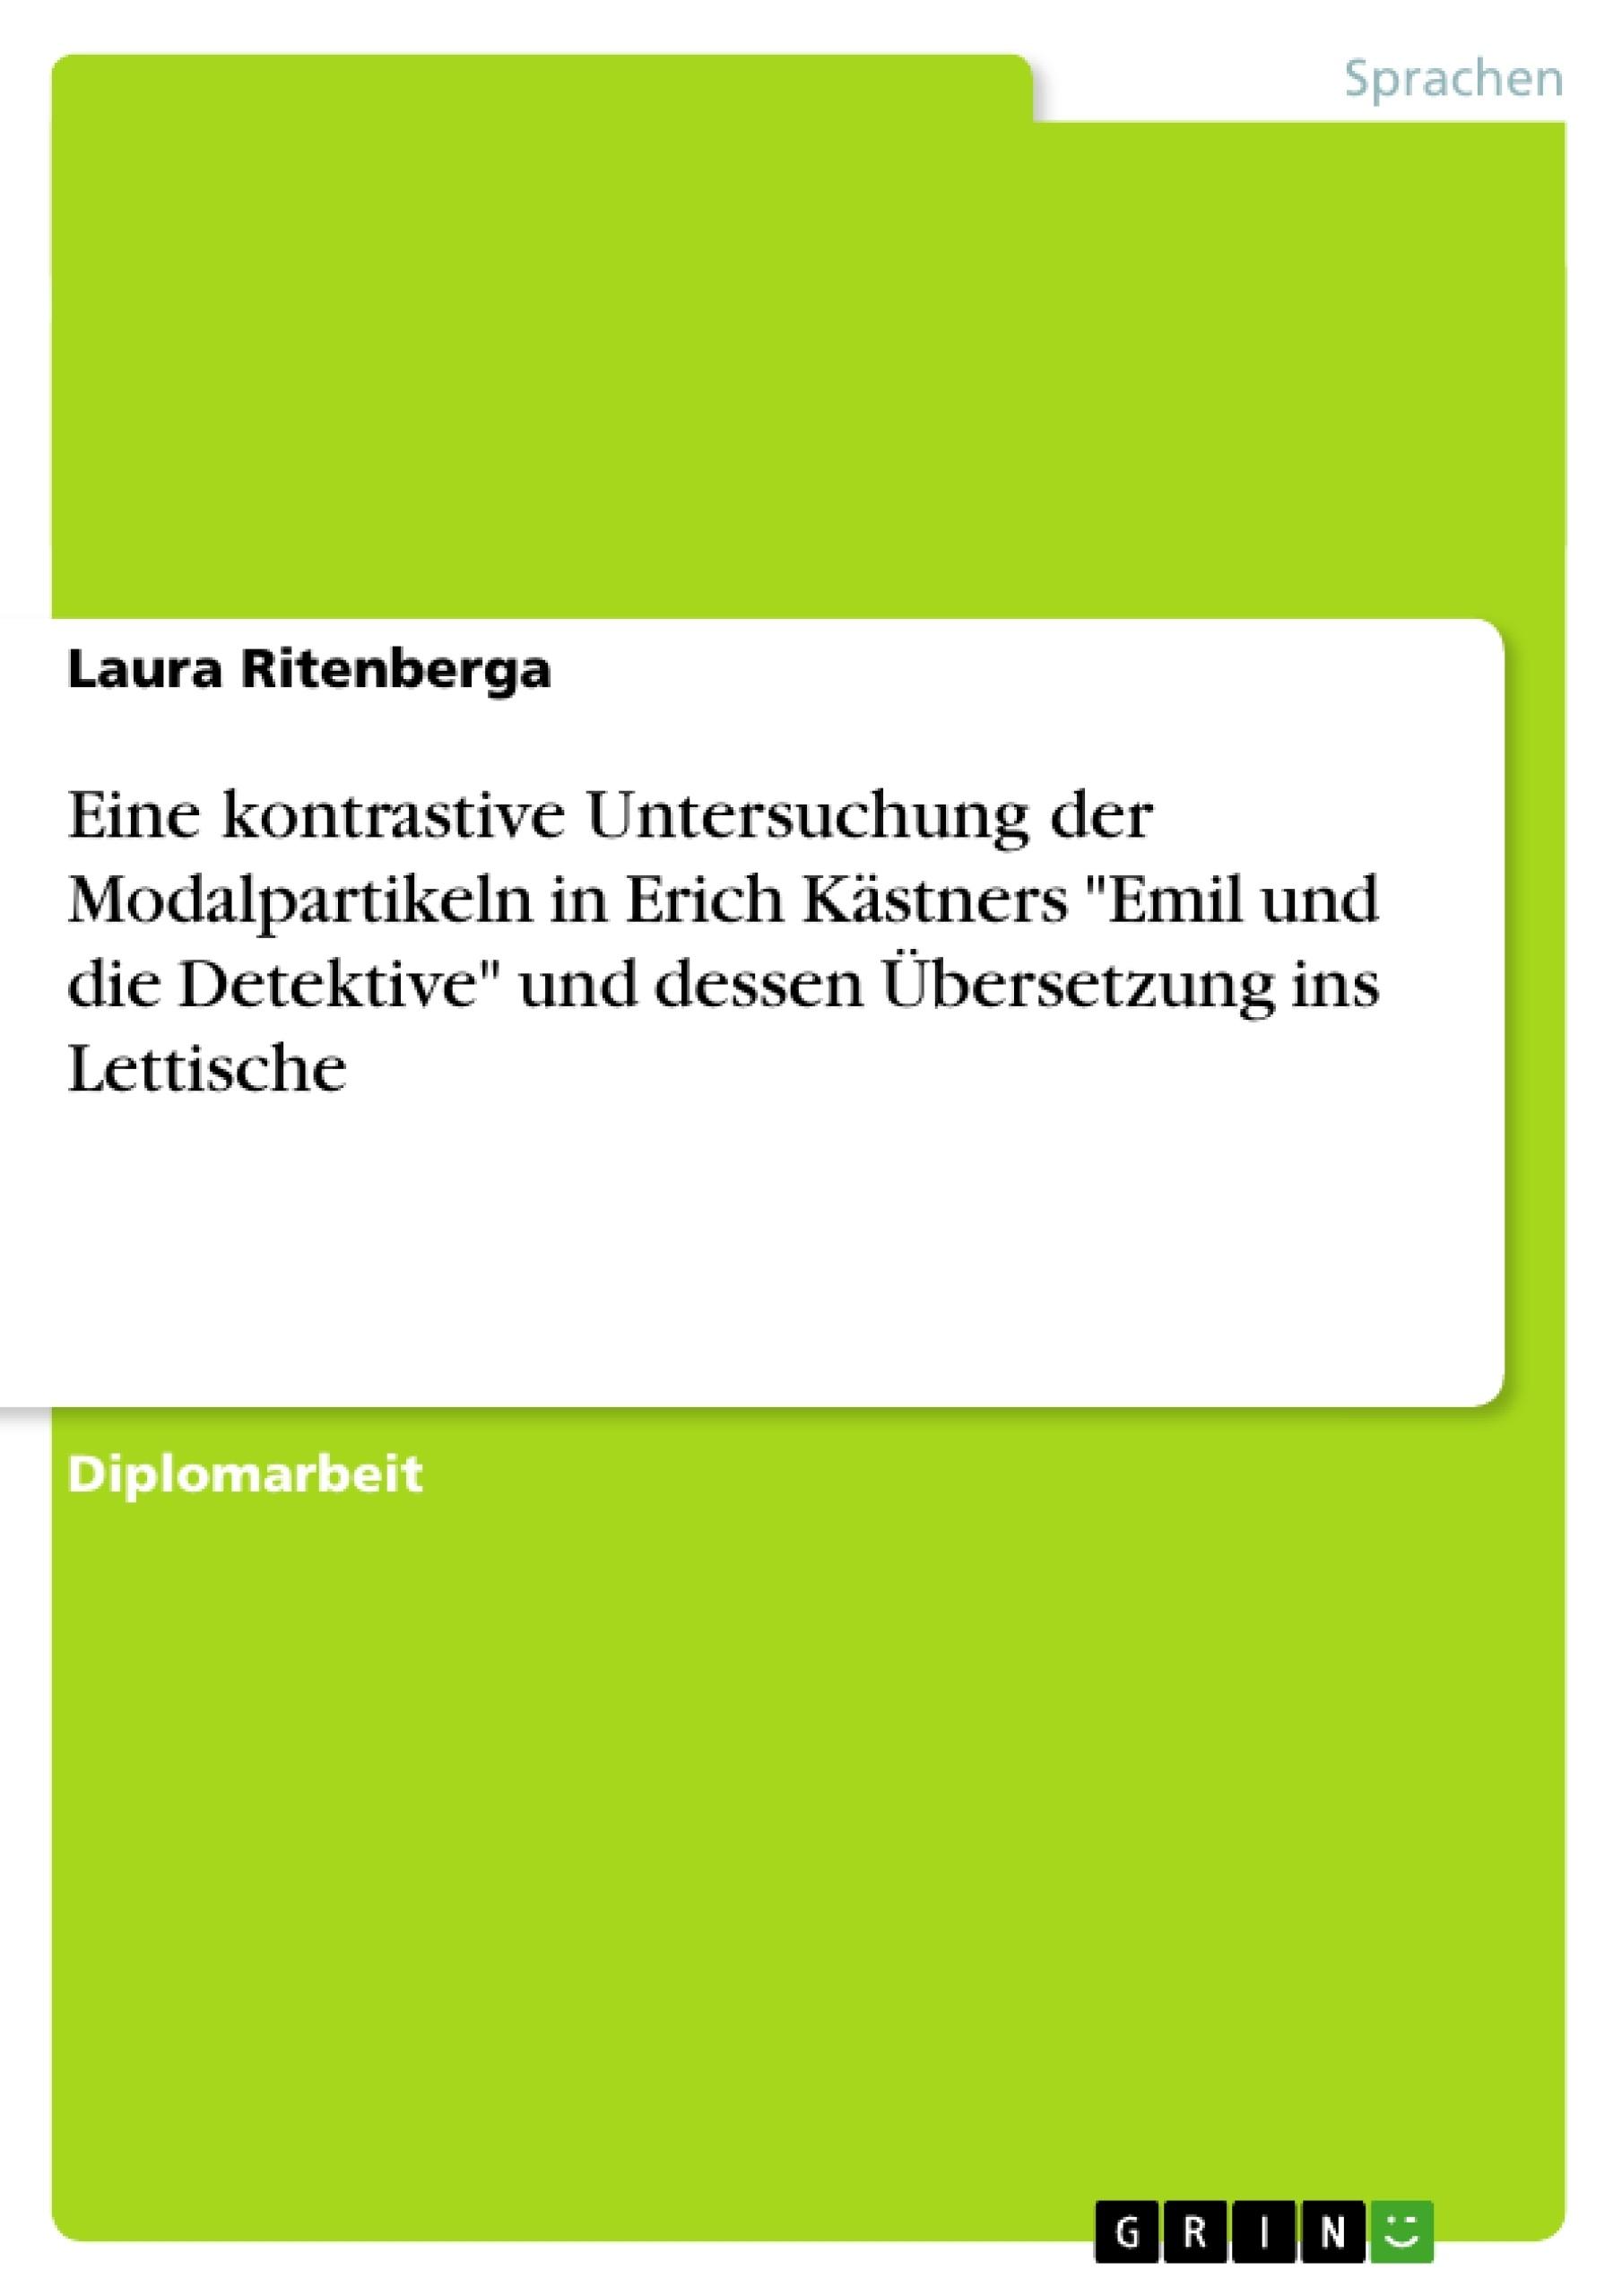 """Titel: Eine kontrastive Untersuchung der Modalpartikeln in Erich Kästners """"Emil und die Detektive"""" und dessen Übersetzung ins Lettische"""